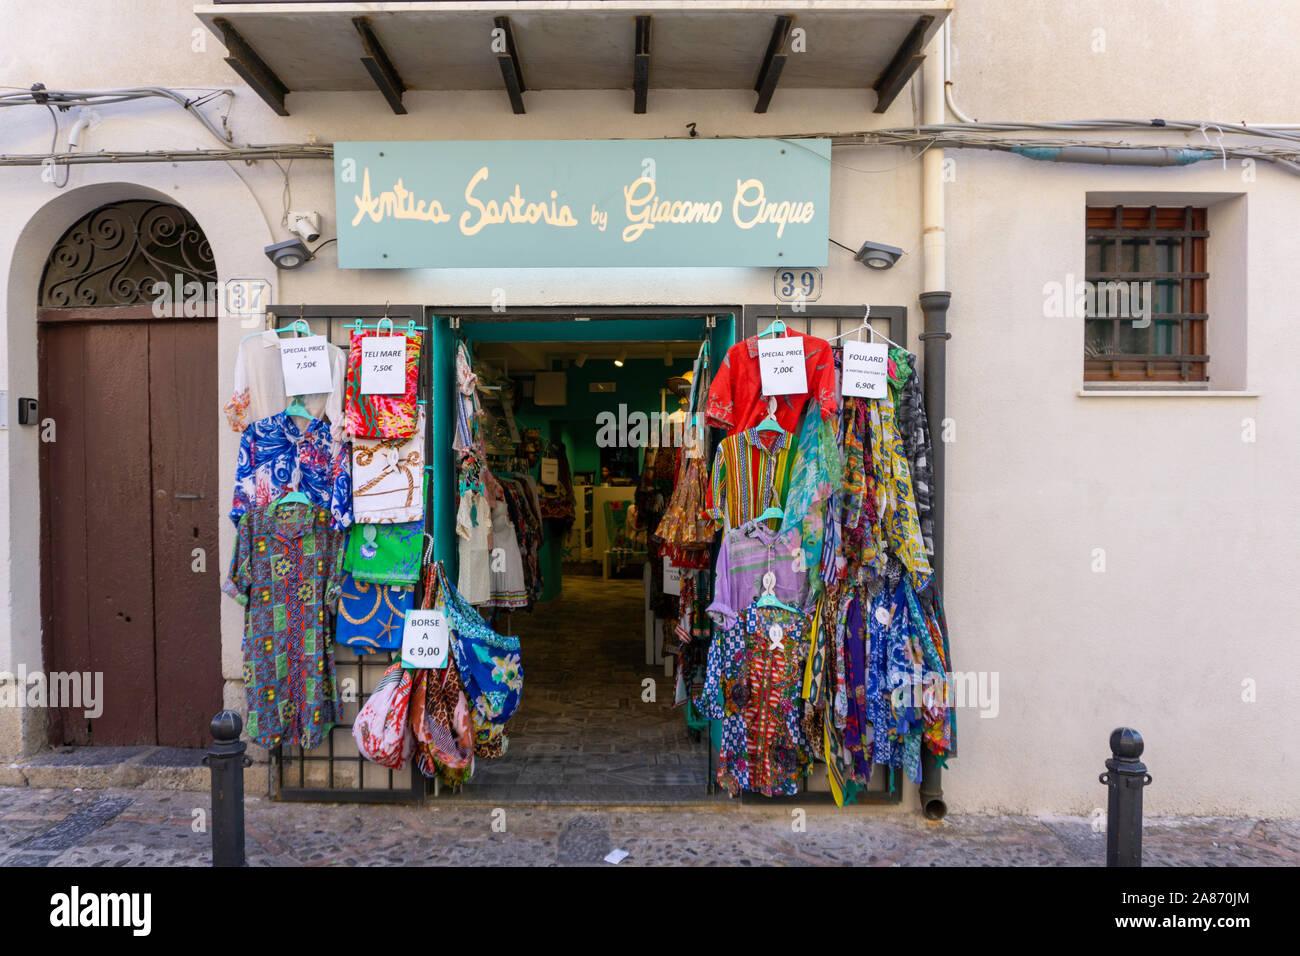 Une succursale de la boutique Antica Sartoria par Giacomo Cinque, un magasin de vêtements de Cefalù, l'un des nombreux magasins intéressants parmi les petites rues de Cefalú. Banque D'Images